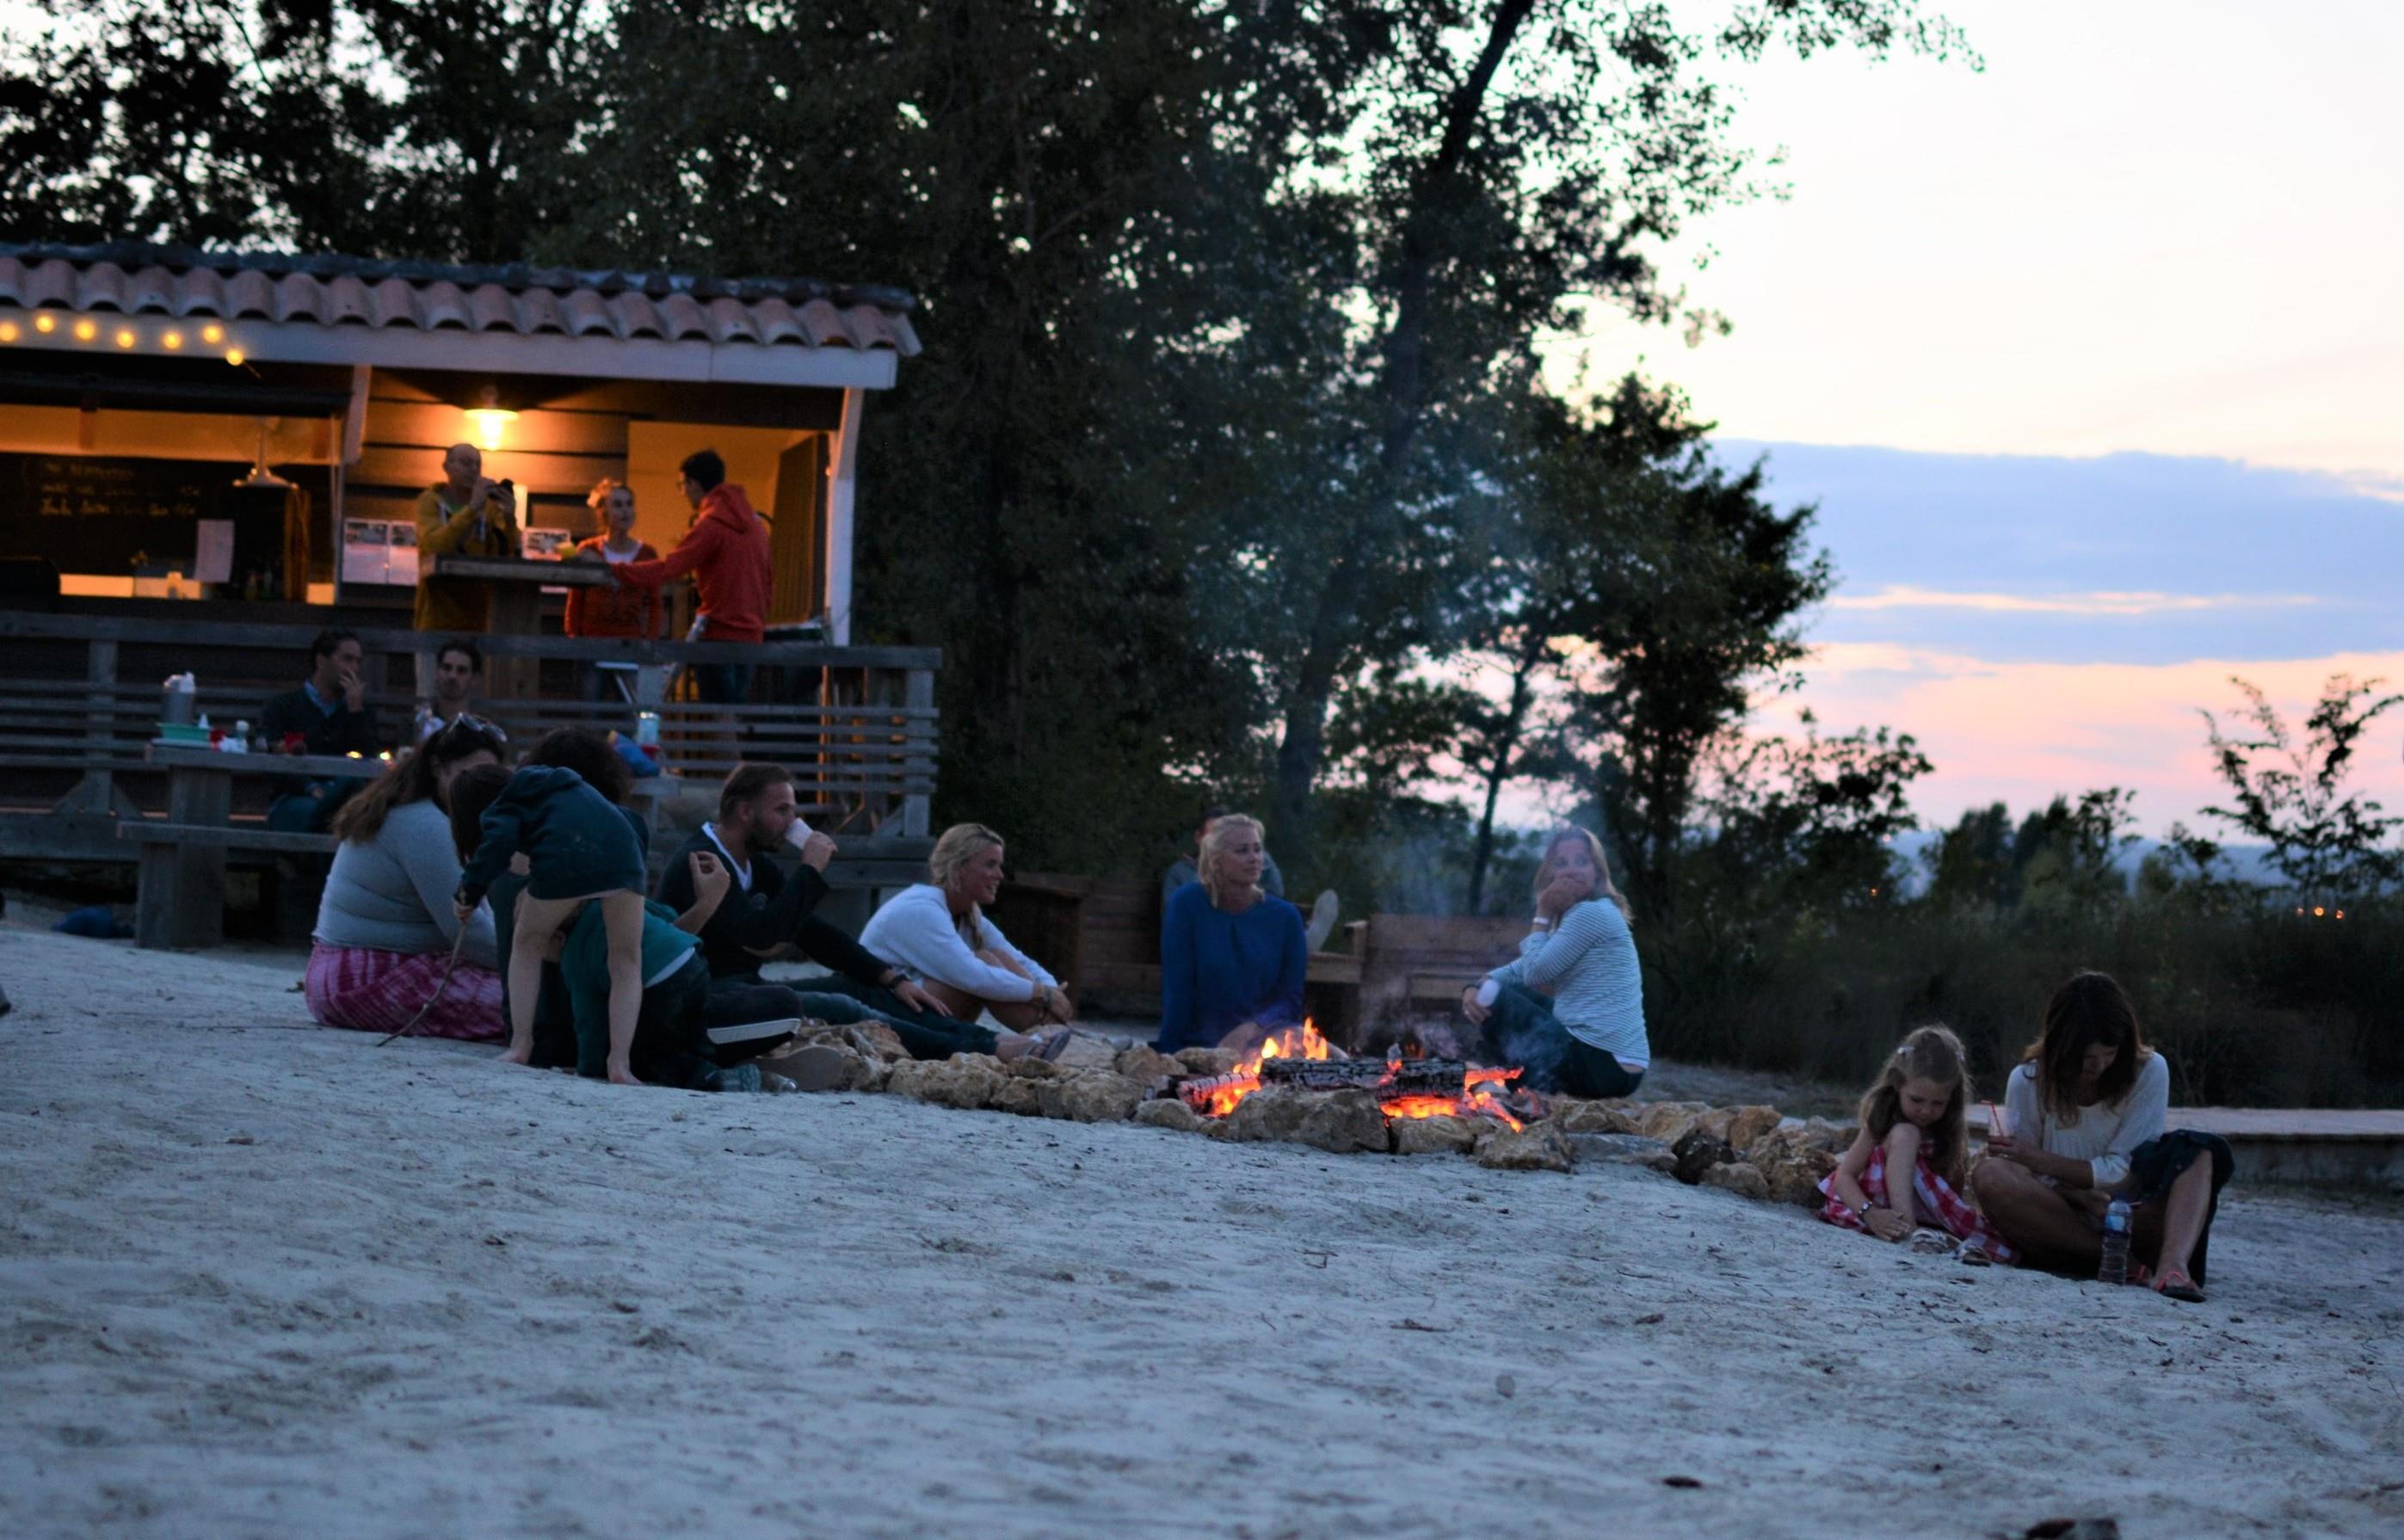 La Parenthèse - Camping les Ormes, Saint-Etienne-de-Villereal, Lot-et-Garonne